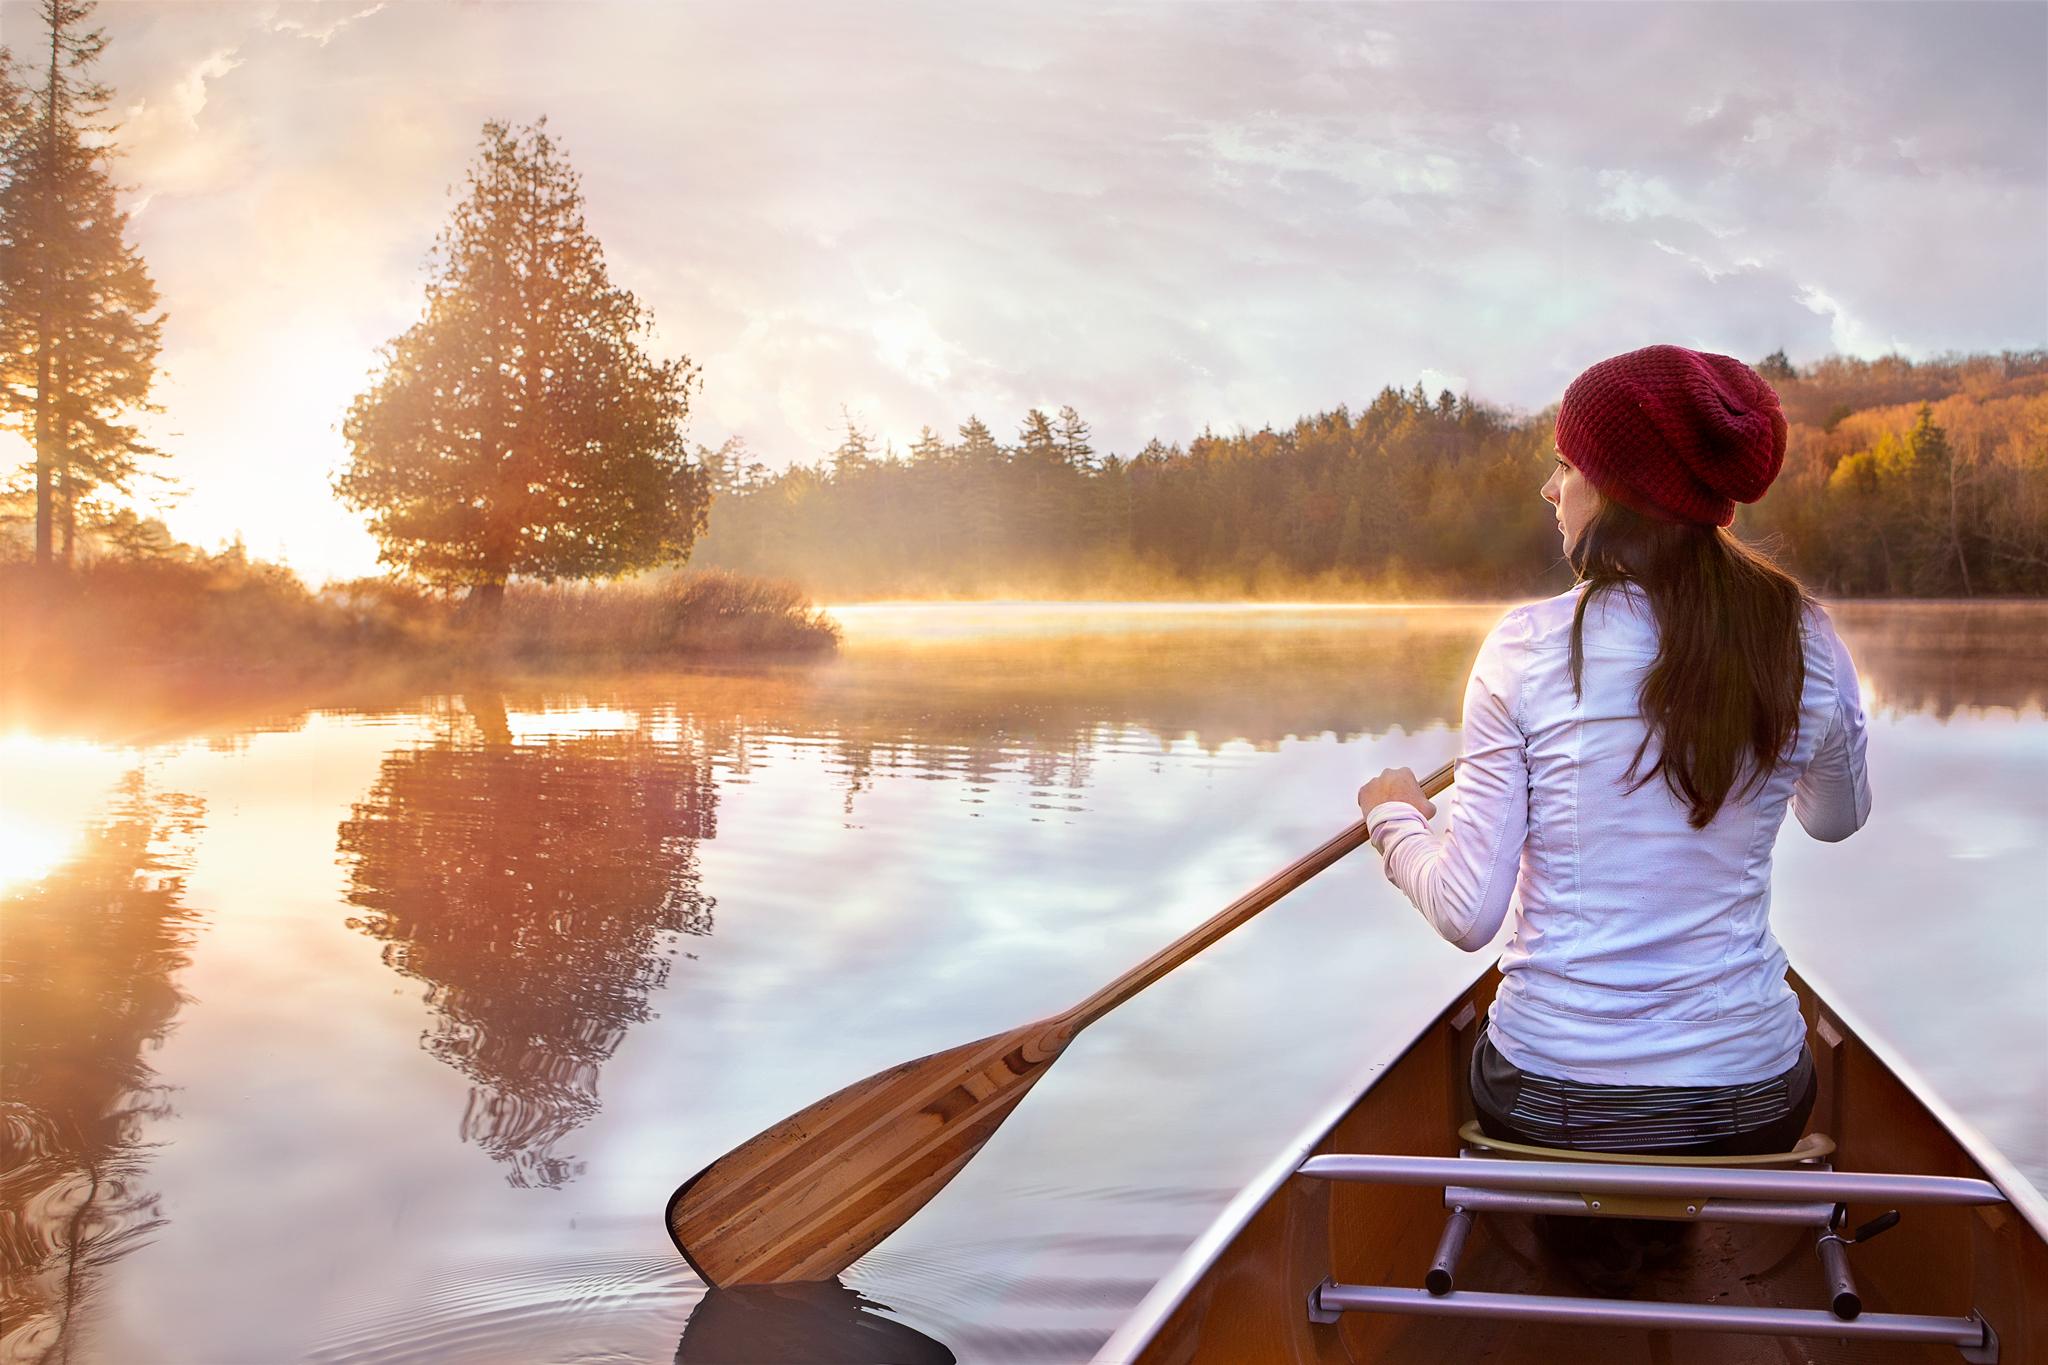 Nicole Paddling at Sunrise on Long Pond